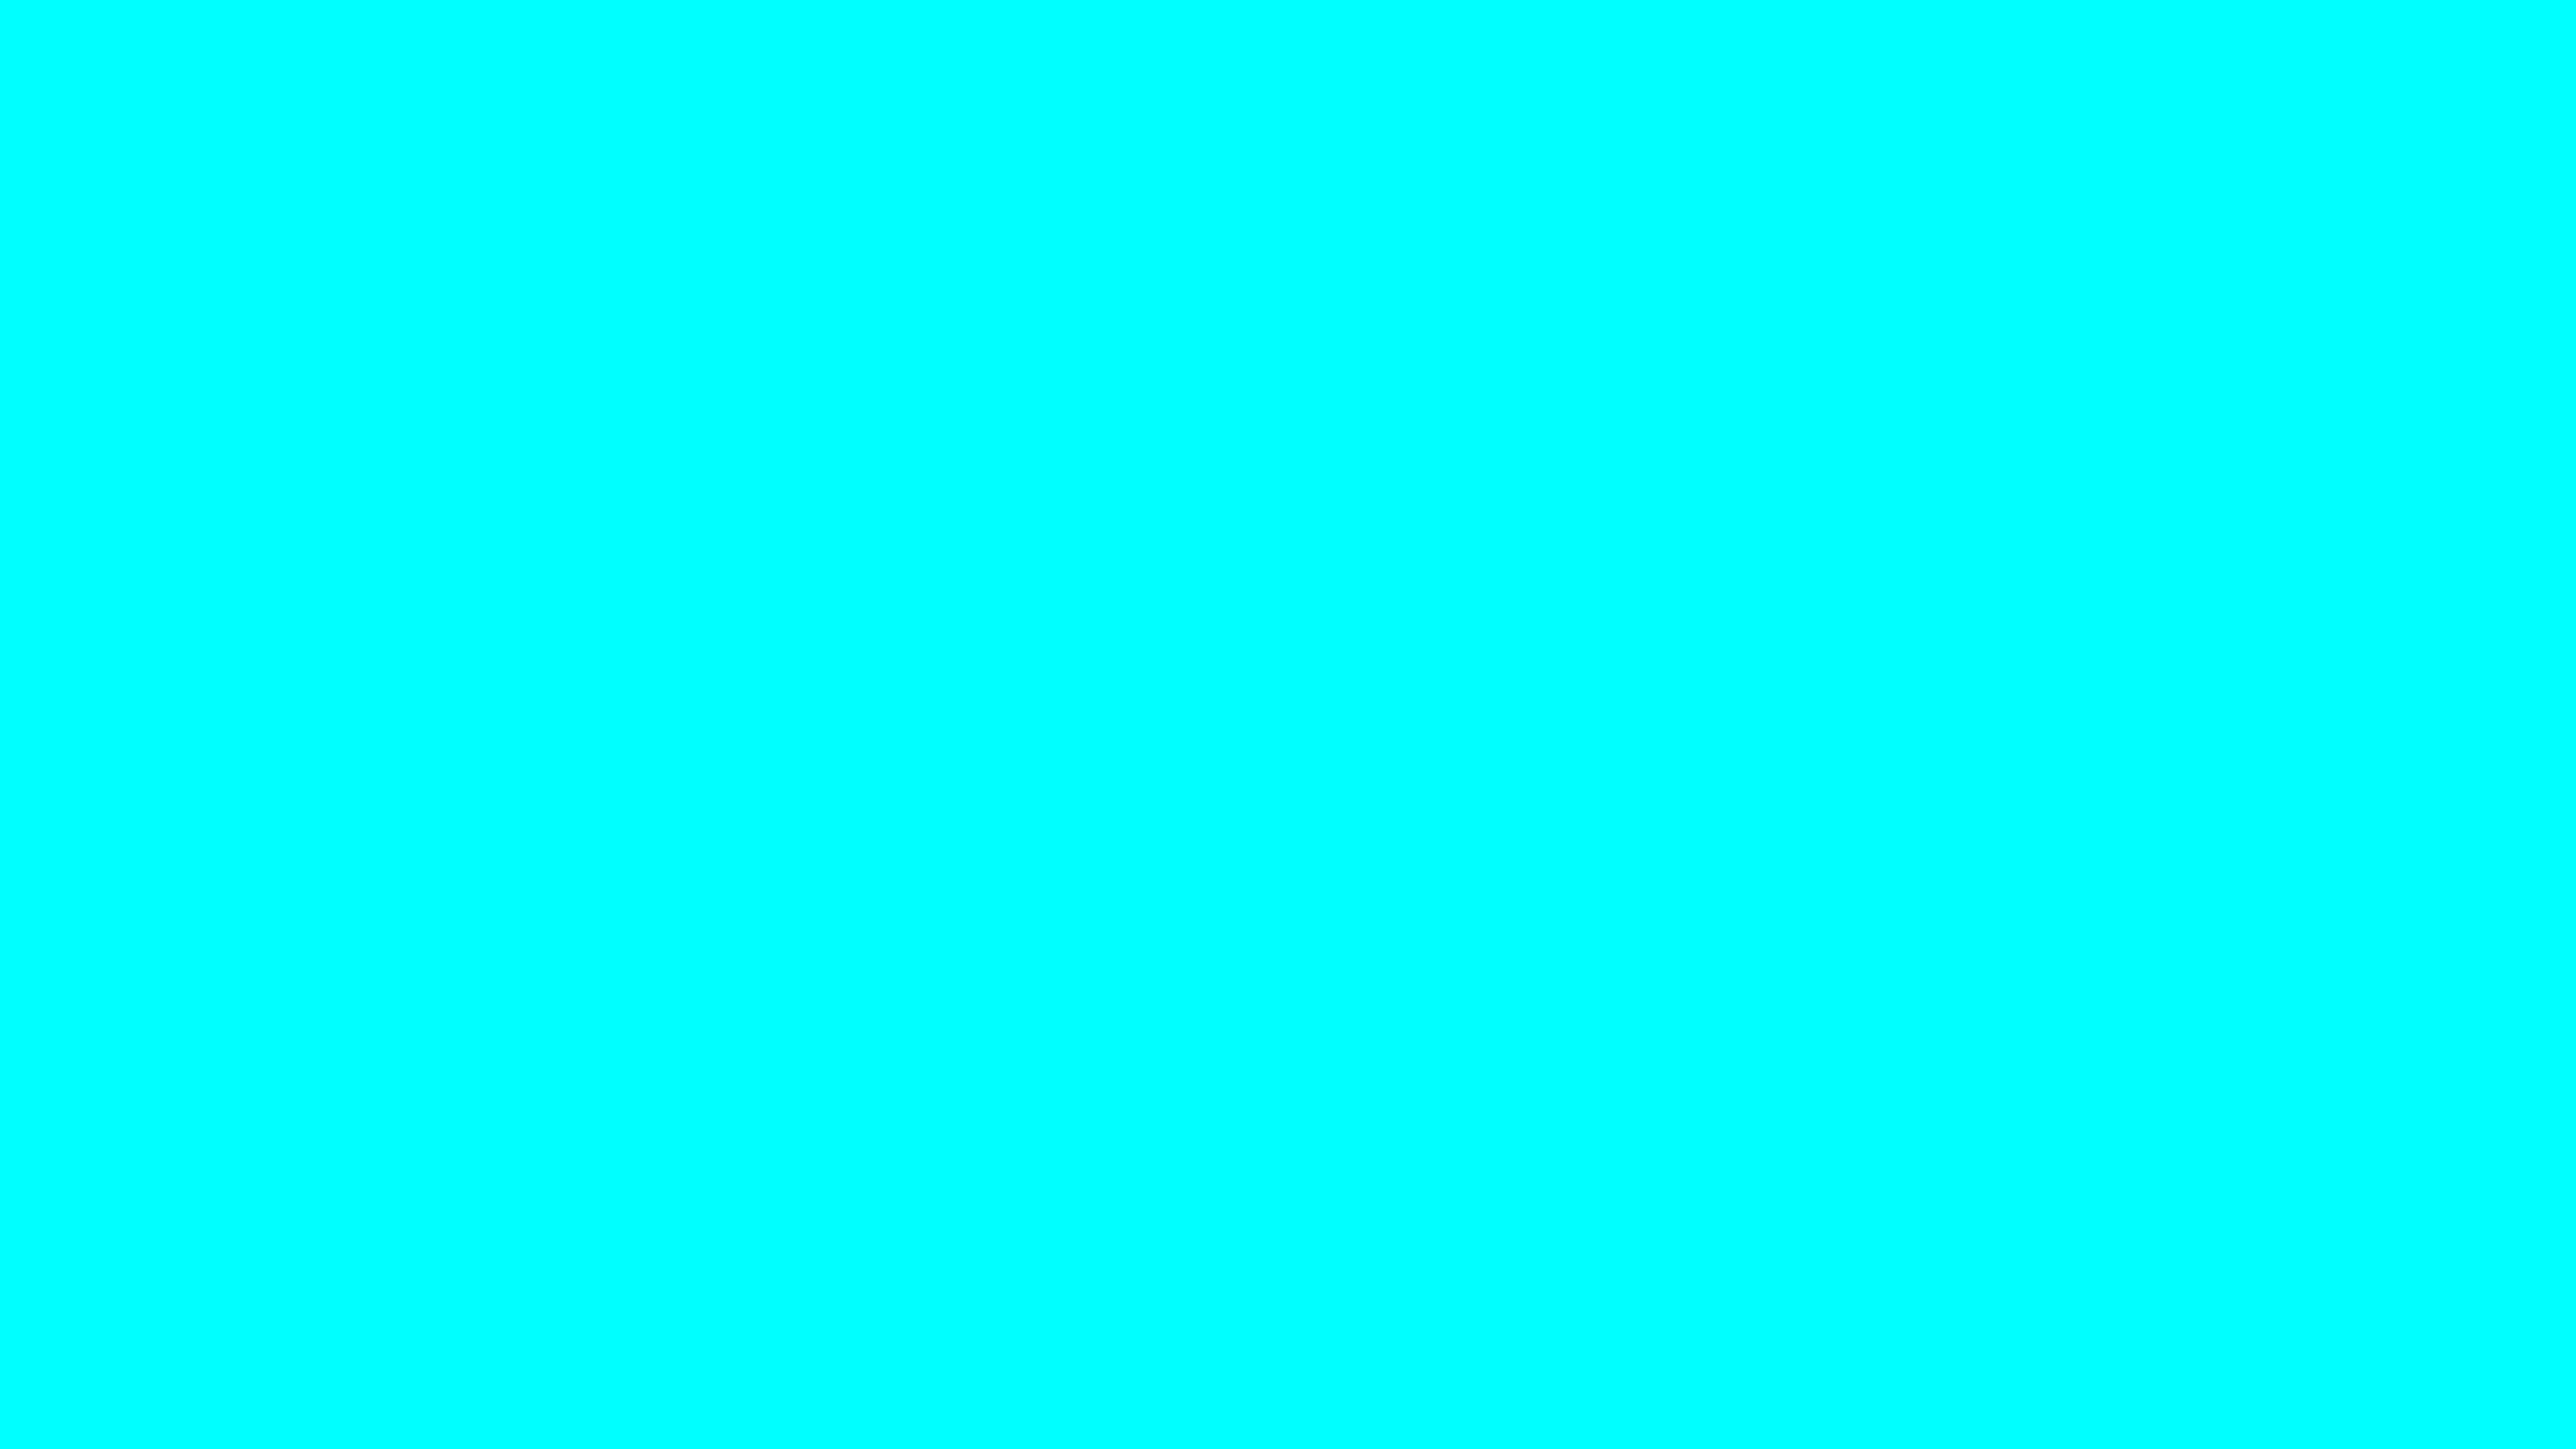 7680x4320 Aqua Solid Color Background